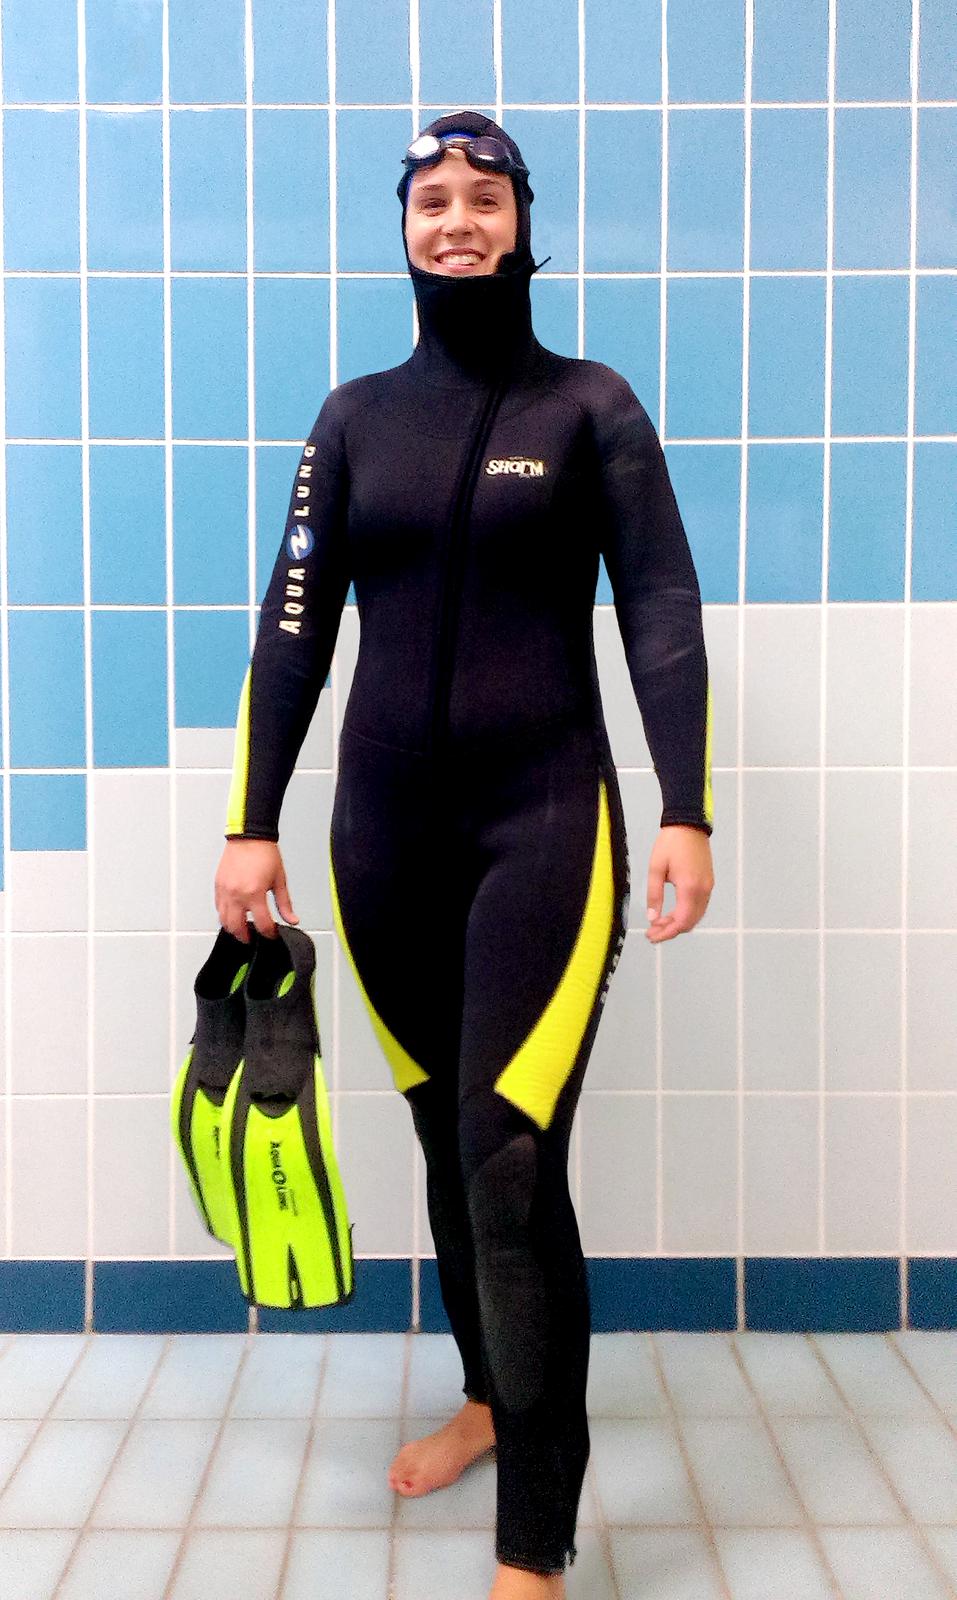 Fotografia osoby wsportowym stroju do pływania - pianka, płetwy, czepek, gogle.